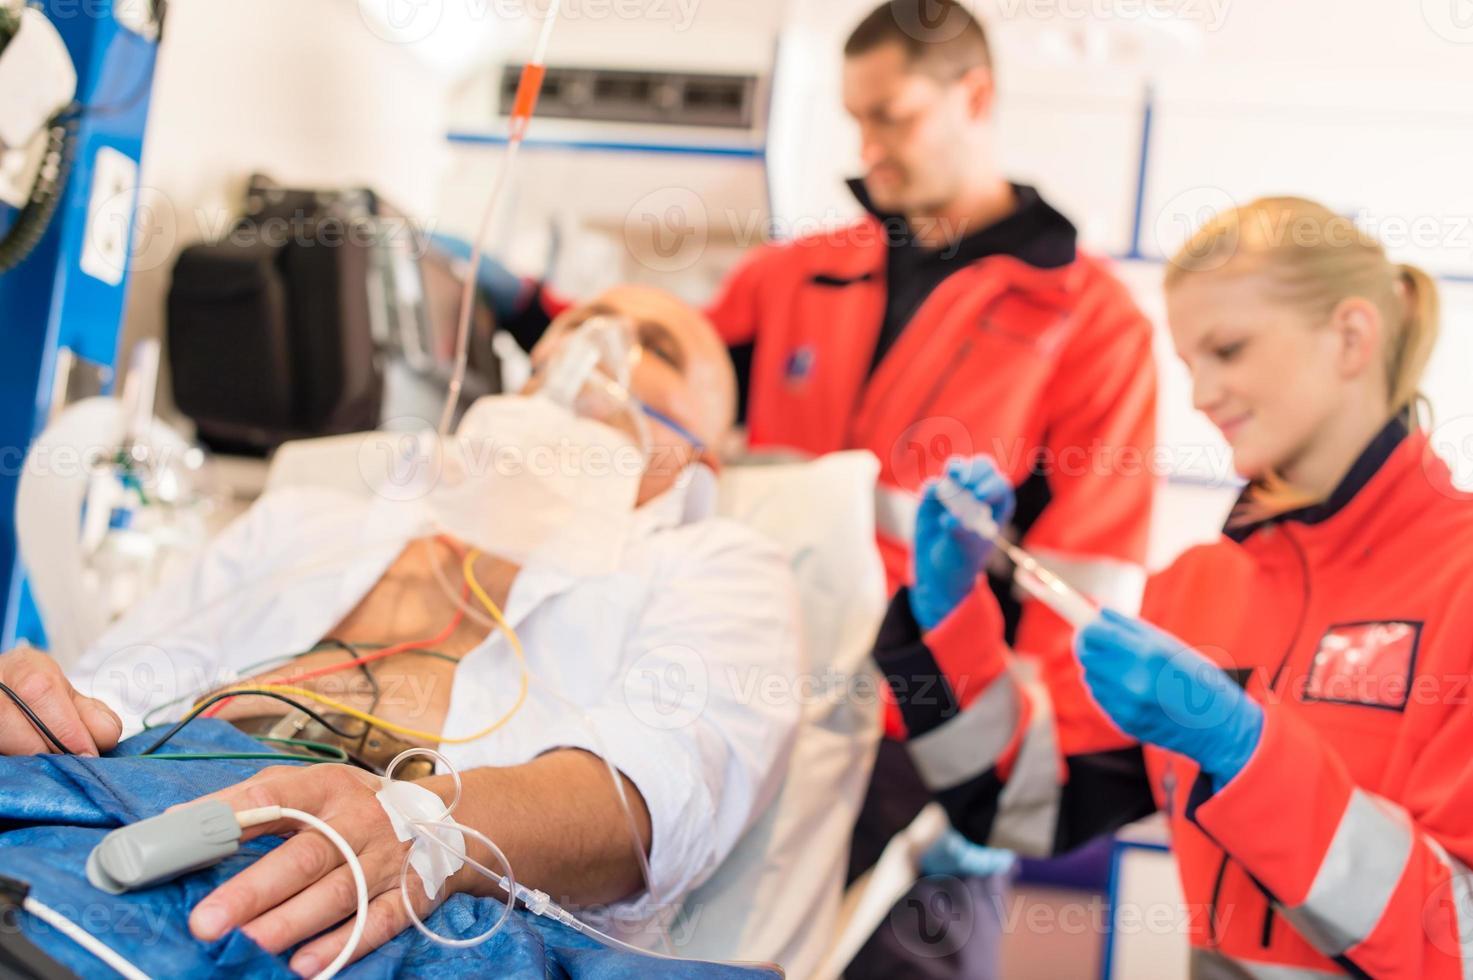 paciente enfermo tratado por paramédicos en una ambulancia foto